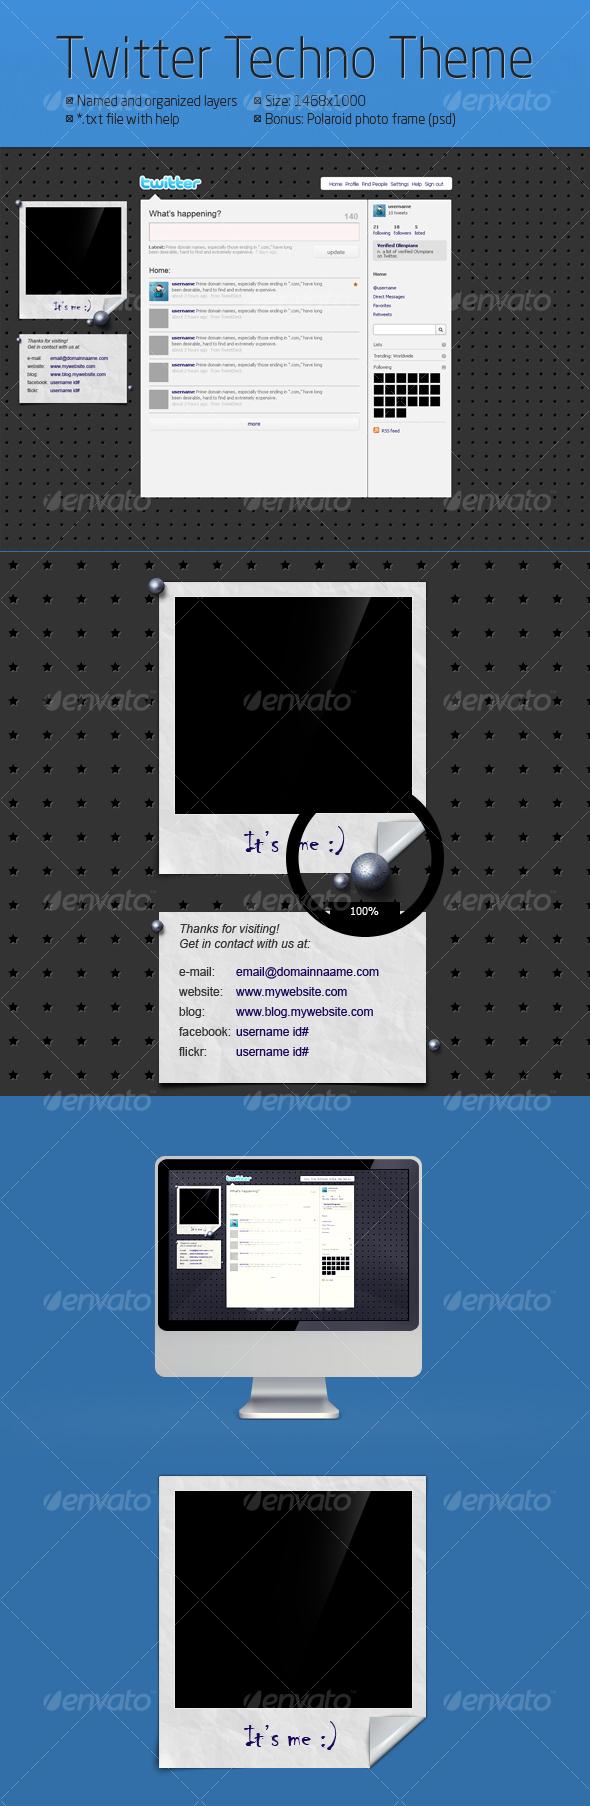 GraphicRiver Twitter Techno Theme 104575